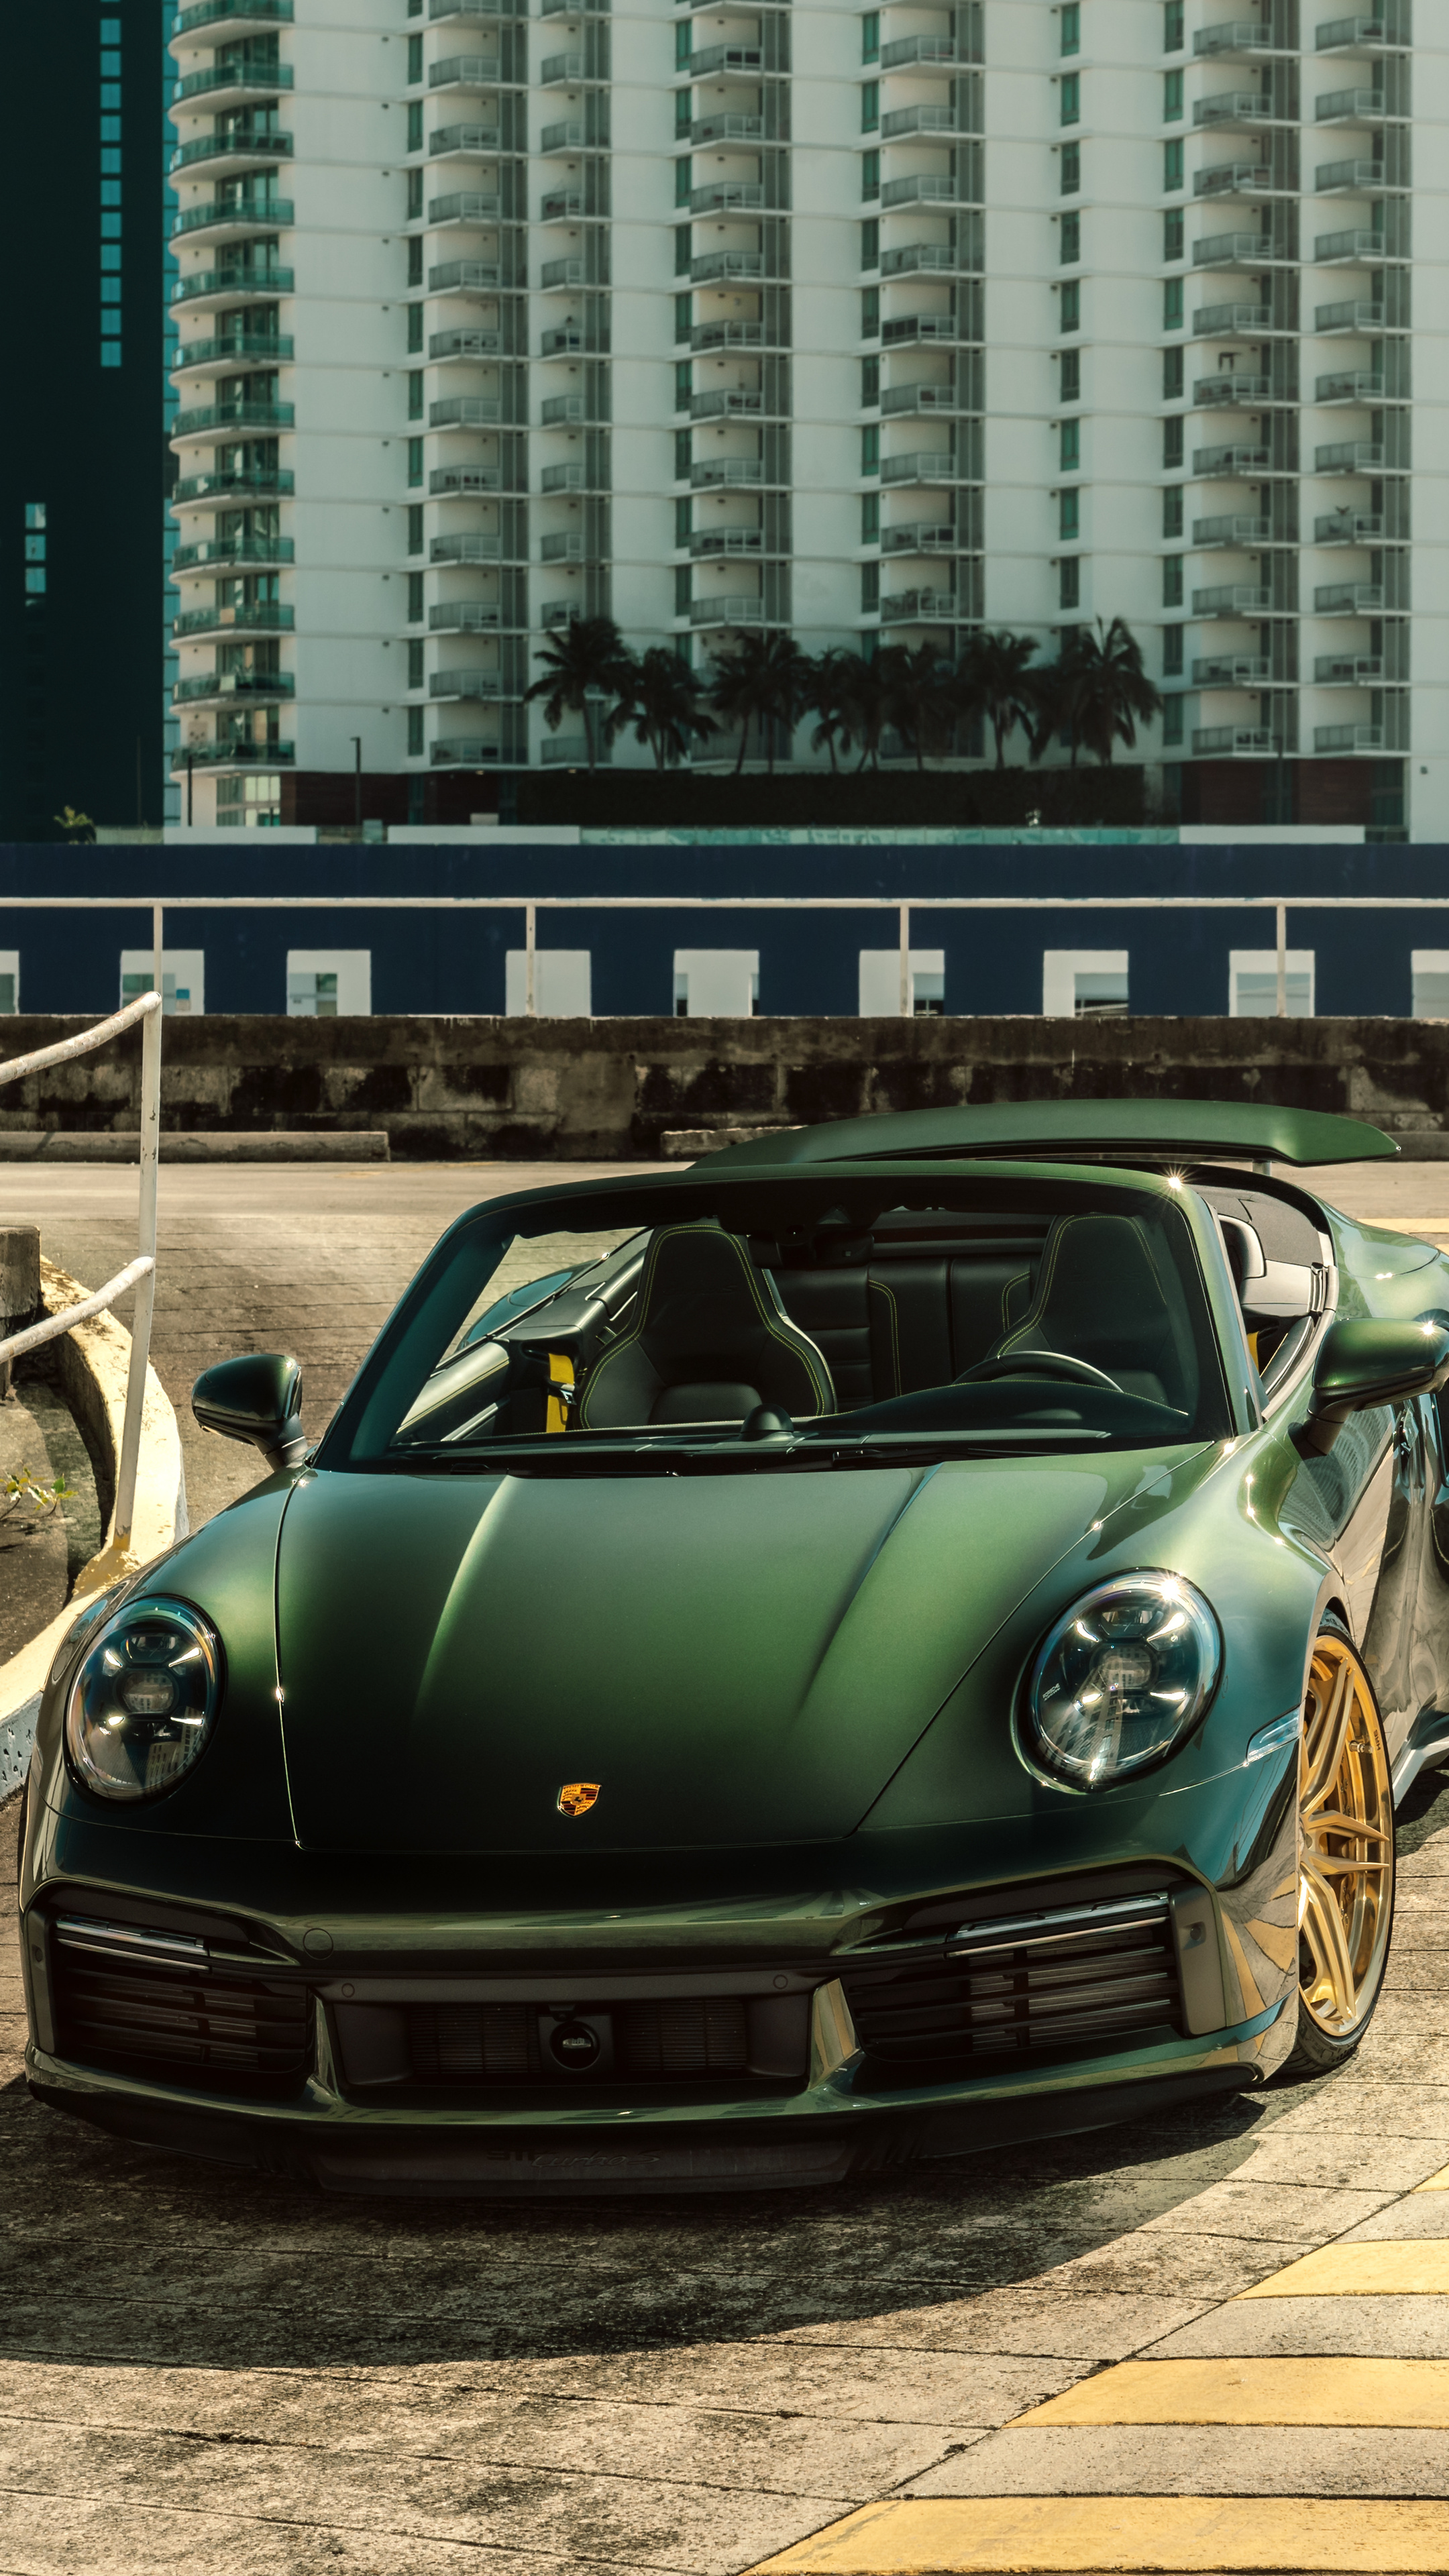 green-gold-porsche-992tt-8k-ms.jpg